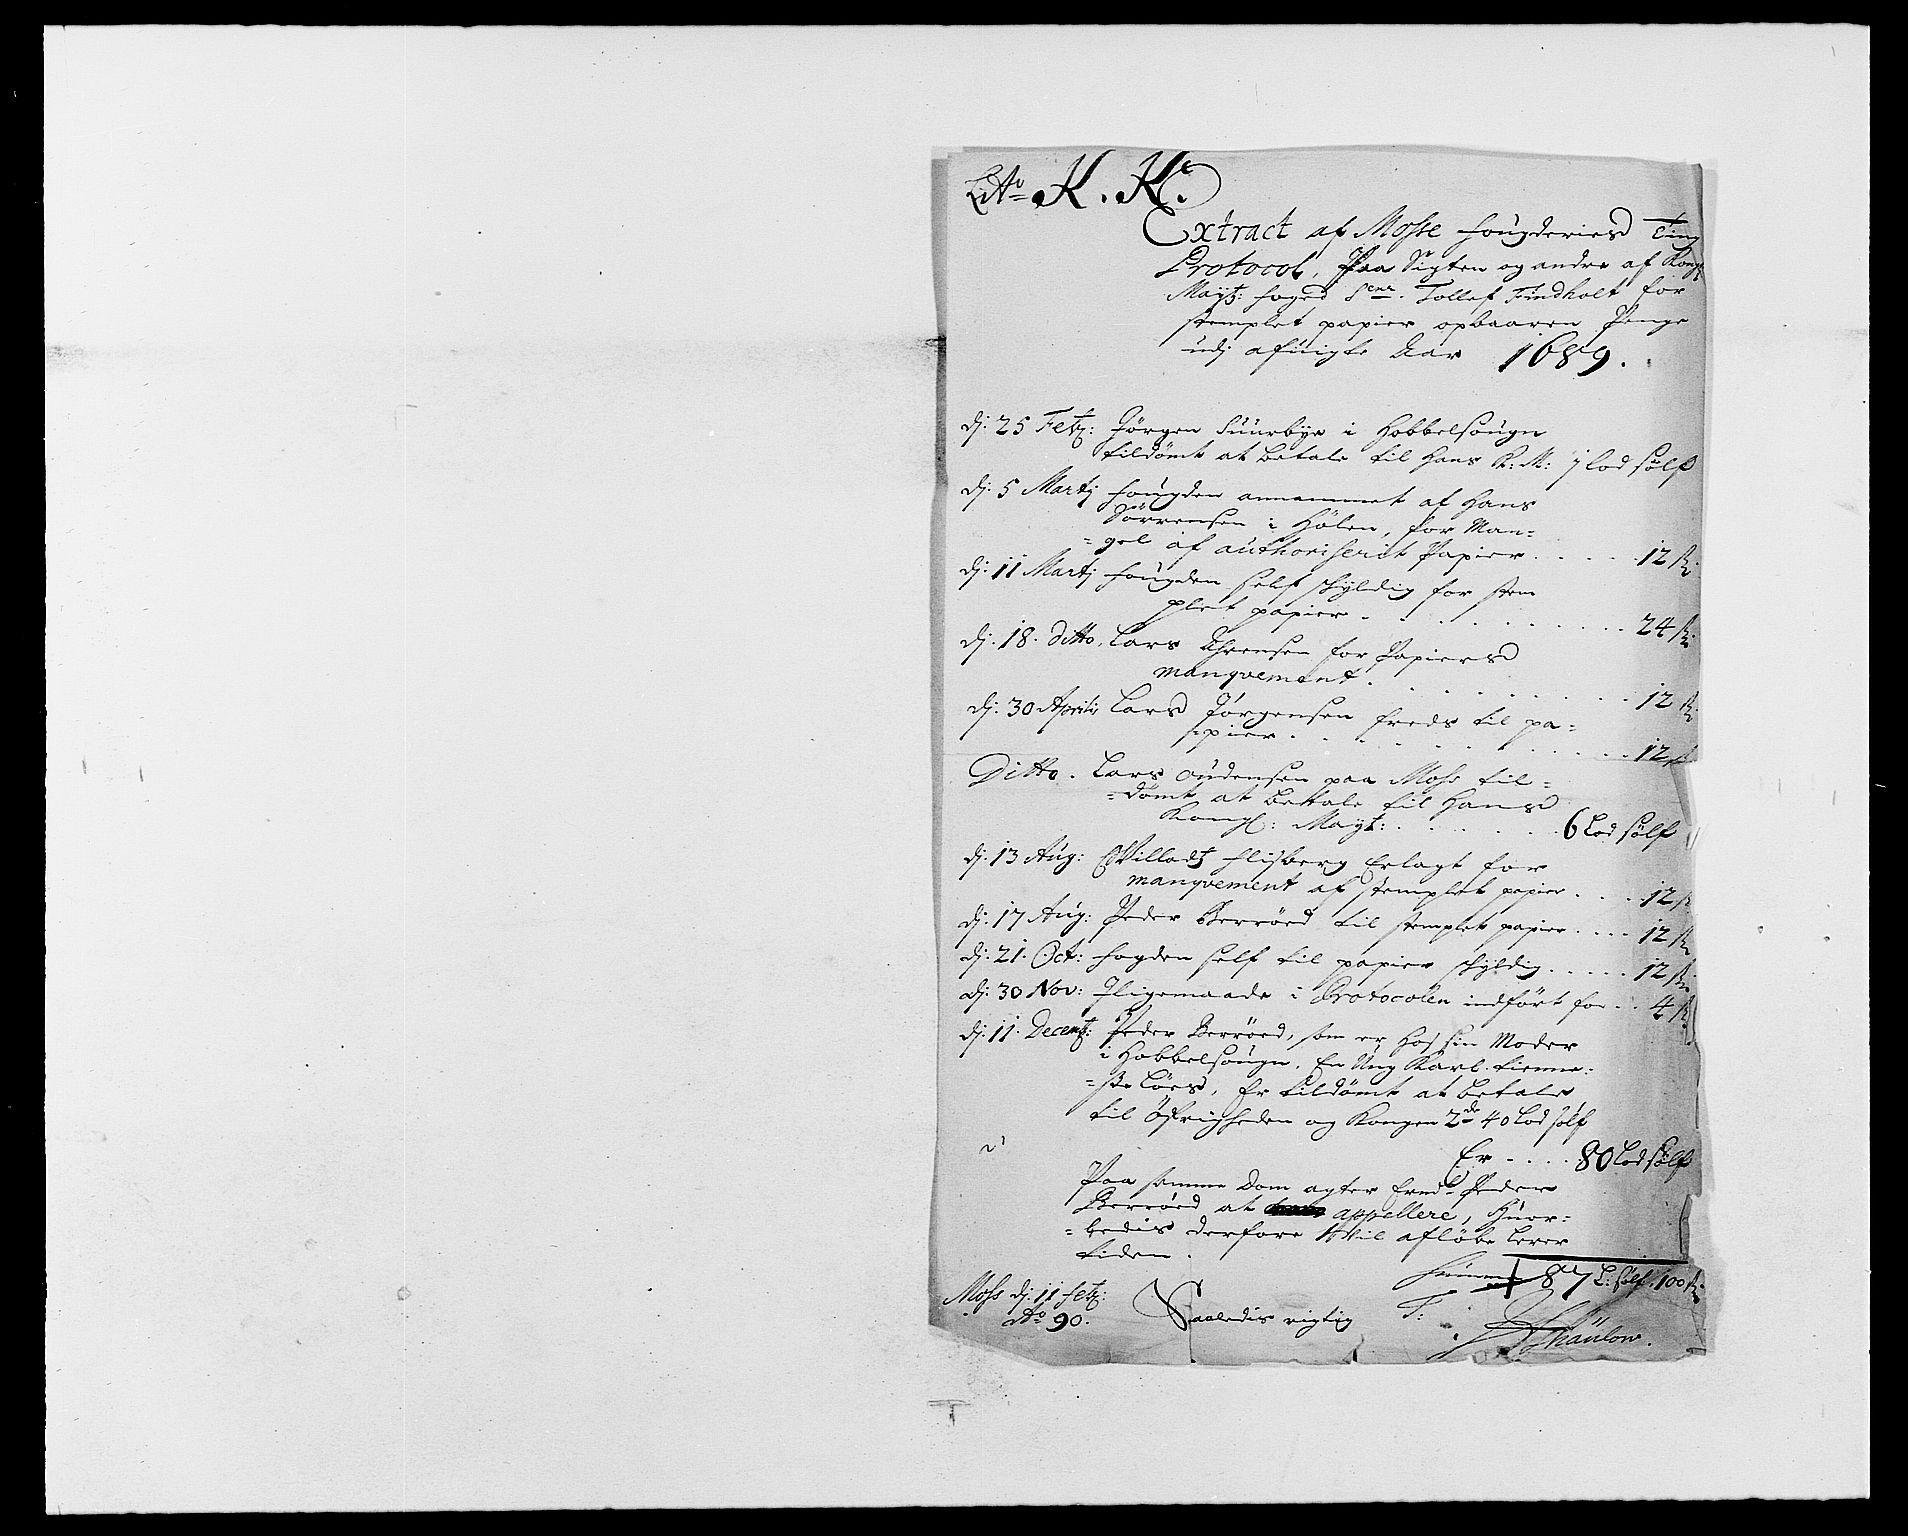 RA, Rentekammeret inntil 1814, Reviderte regnskaper, Fogderegnskap, R02/L0106: Fogderegnskap Moss og Verne kloster, 1688-1691, s. 148